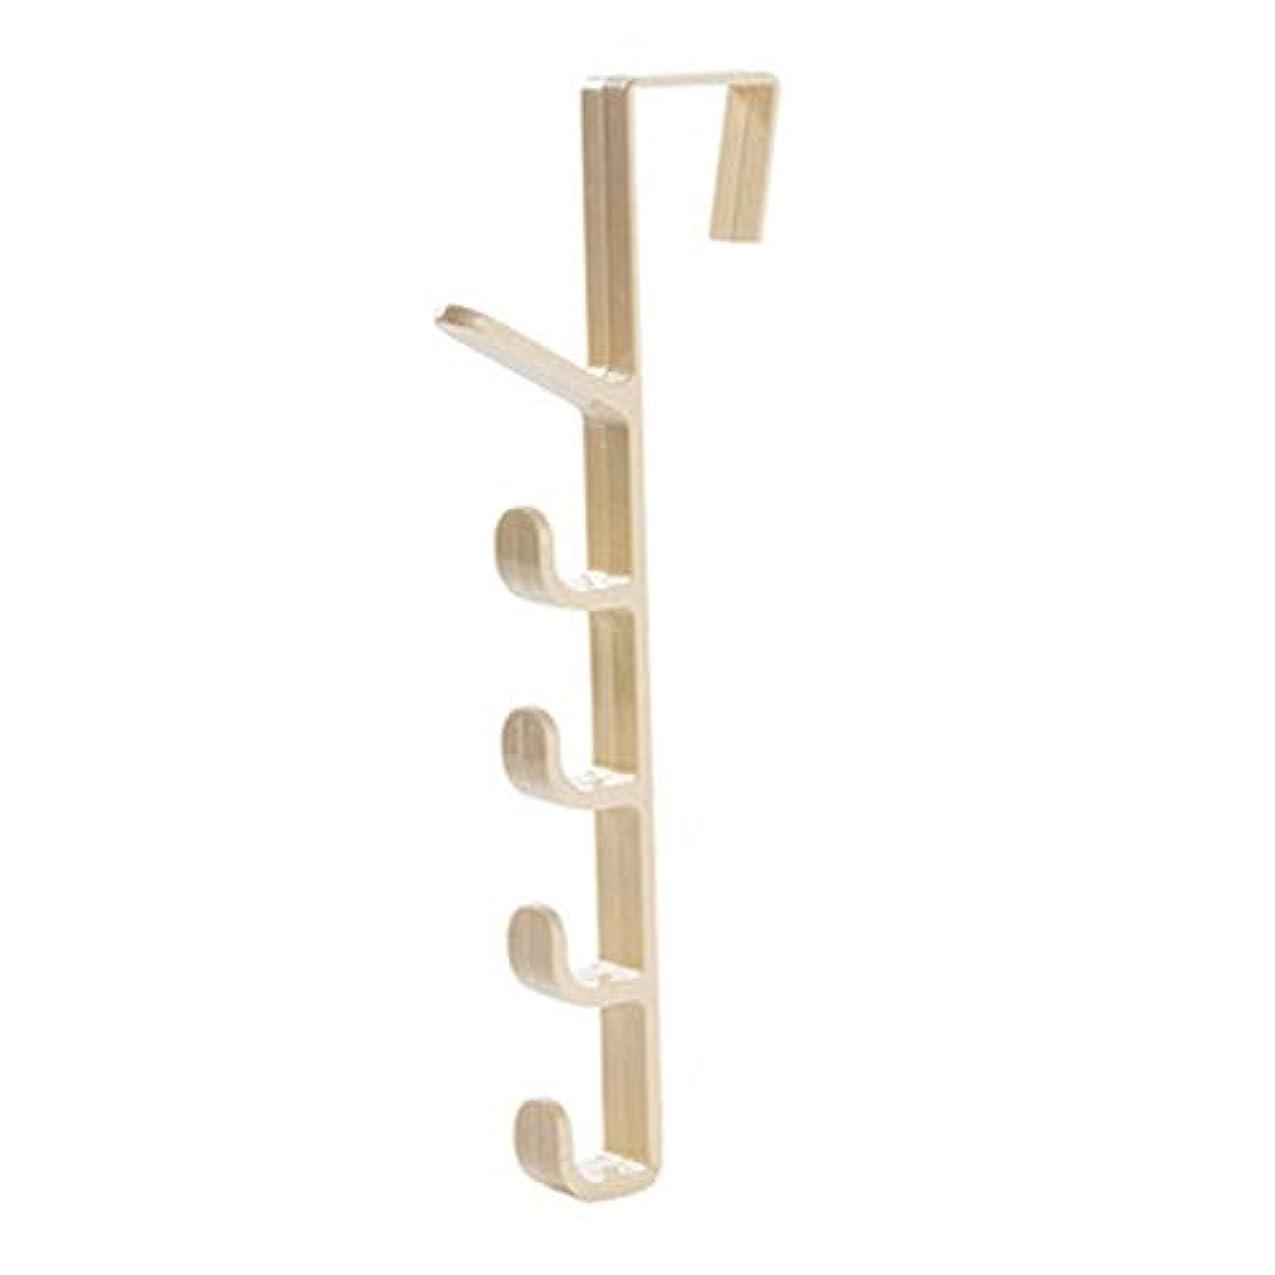 橋参照するノミネートZYIS 木製の拡張可能なコートラック、ドアバックスタイル帽子洋服バッグオーガナイザー吊るすハンガーフックホルダーラック(コーヒー) (色 : 白)